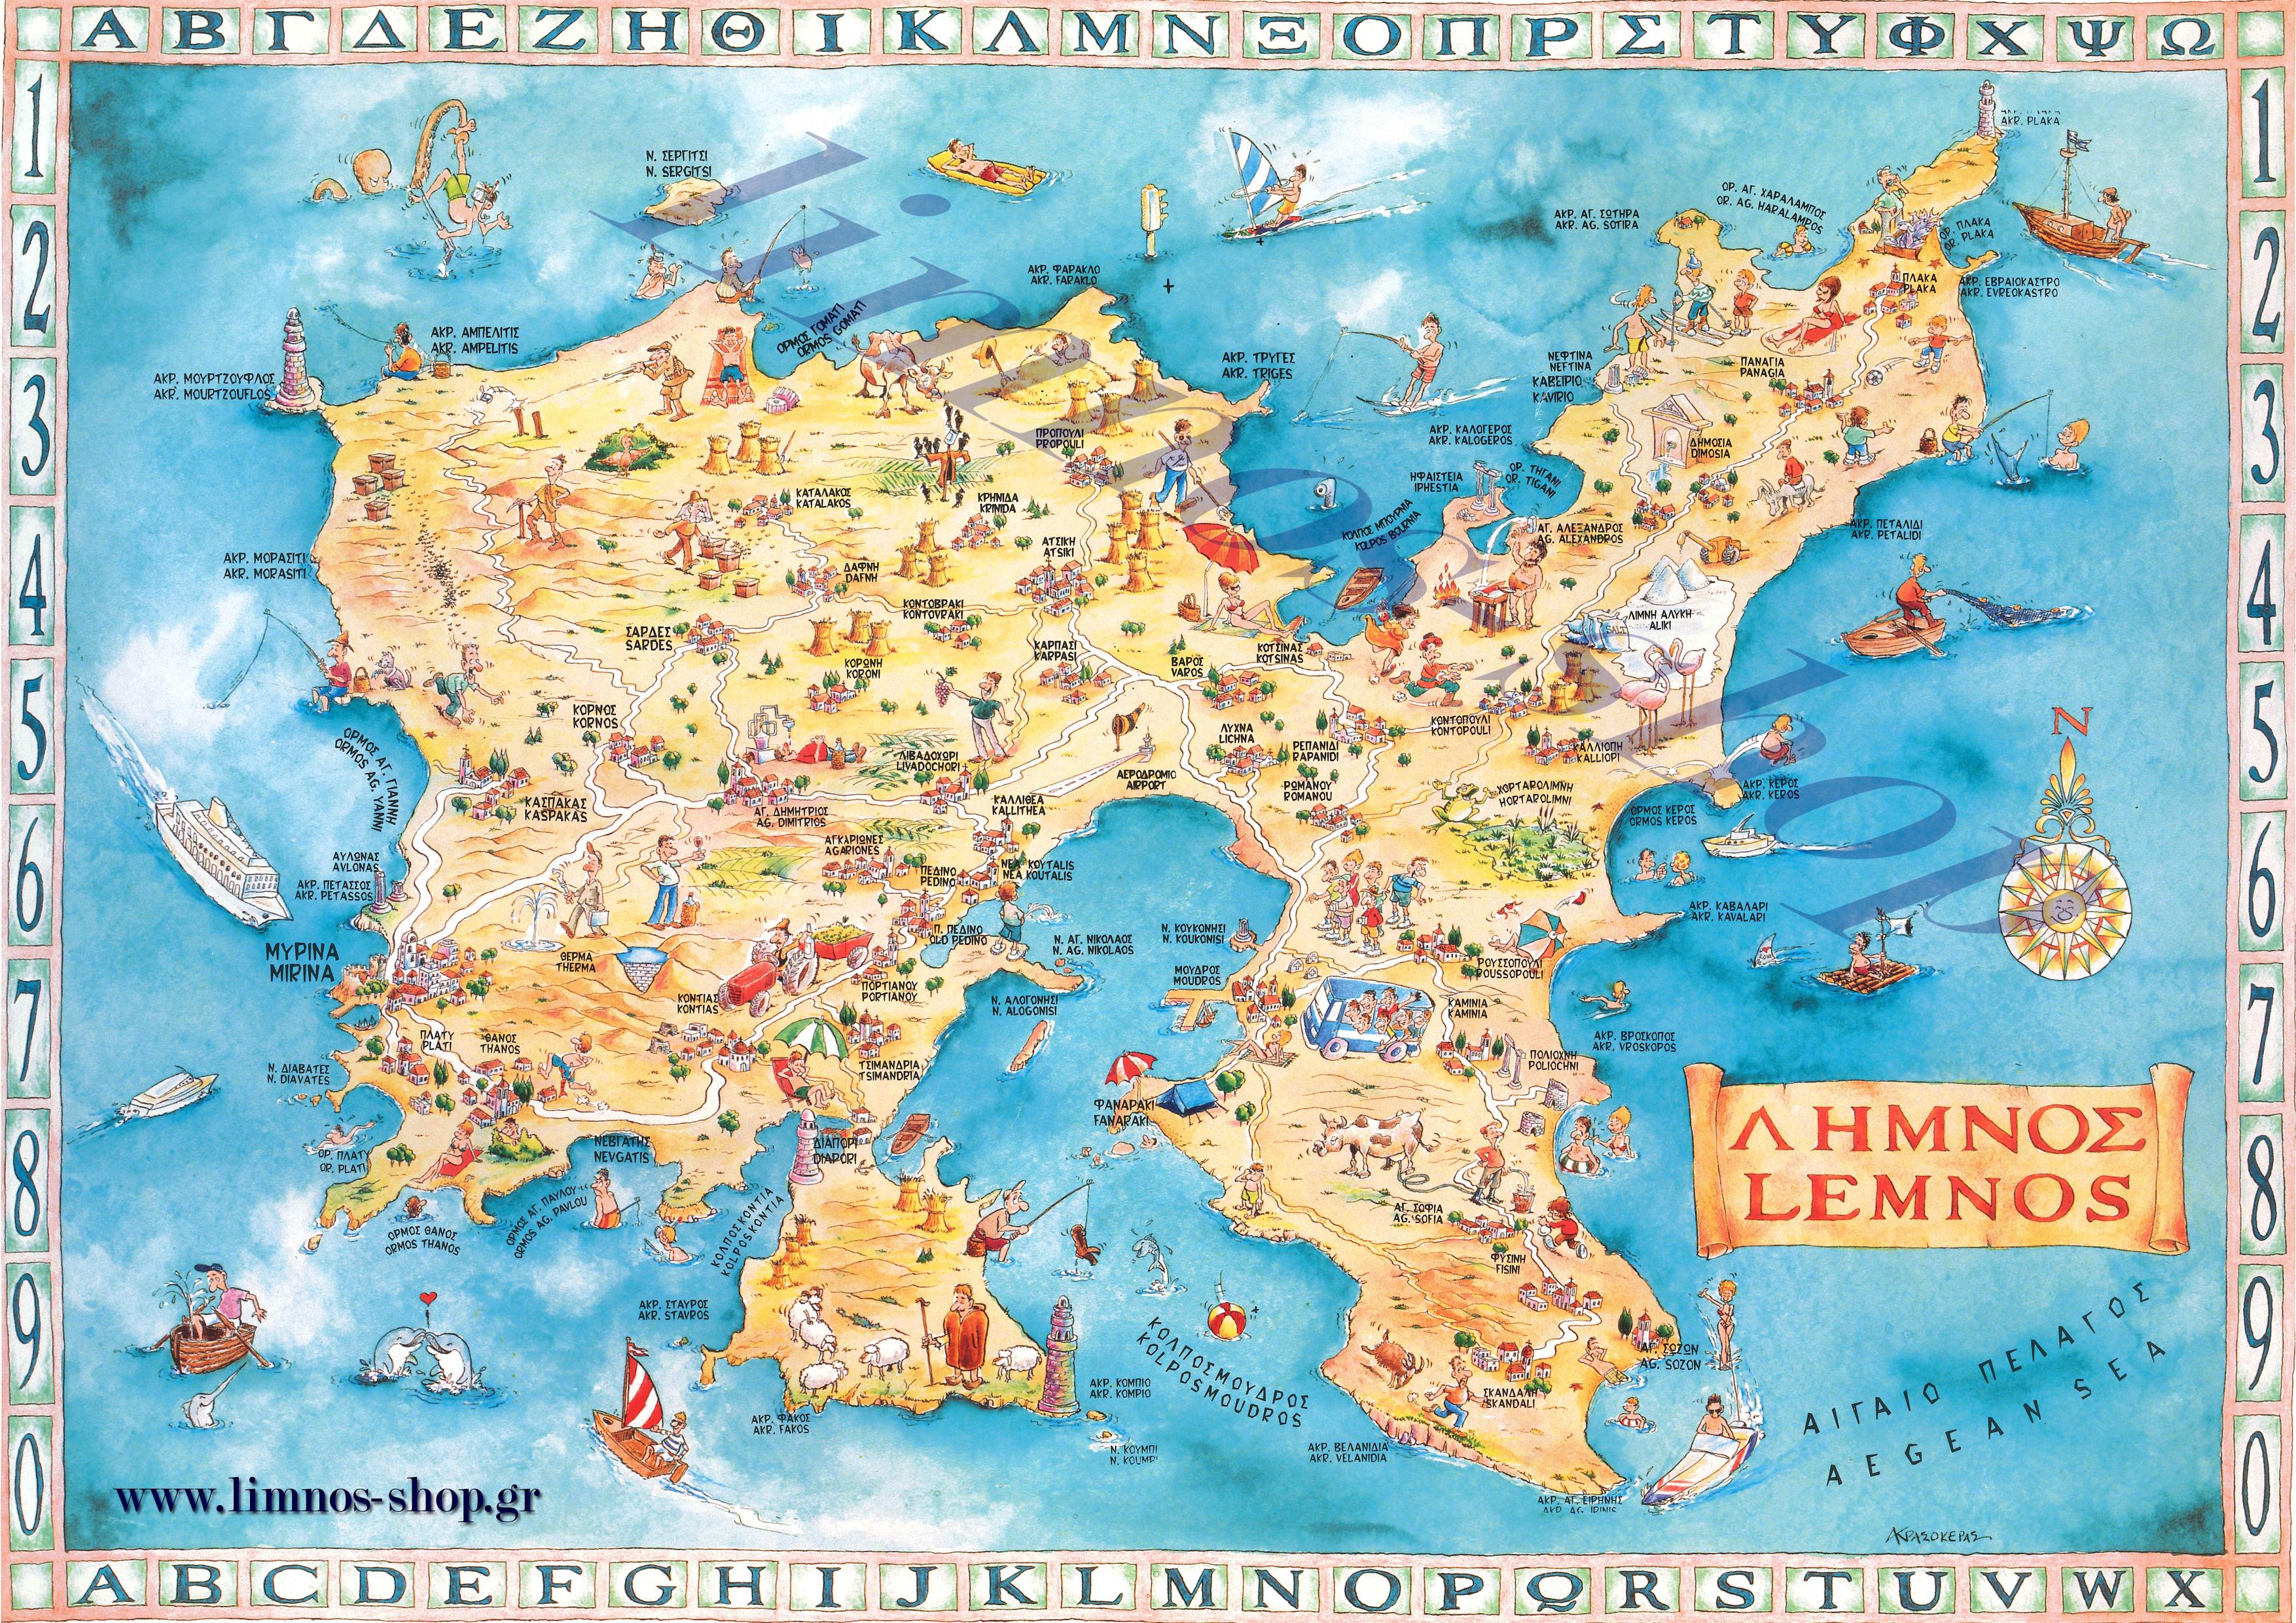 Diakopes Sth Lhmno A3io8eata Lhmnoy Golden Greece Xarths